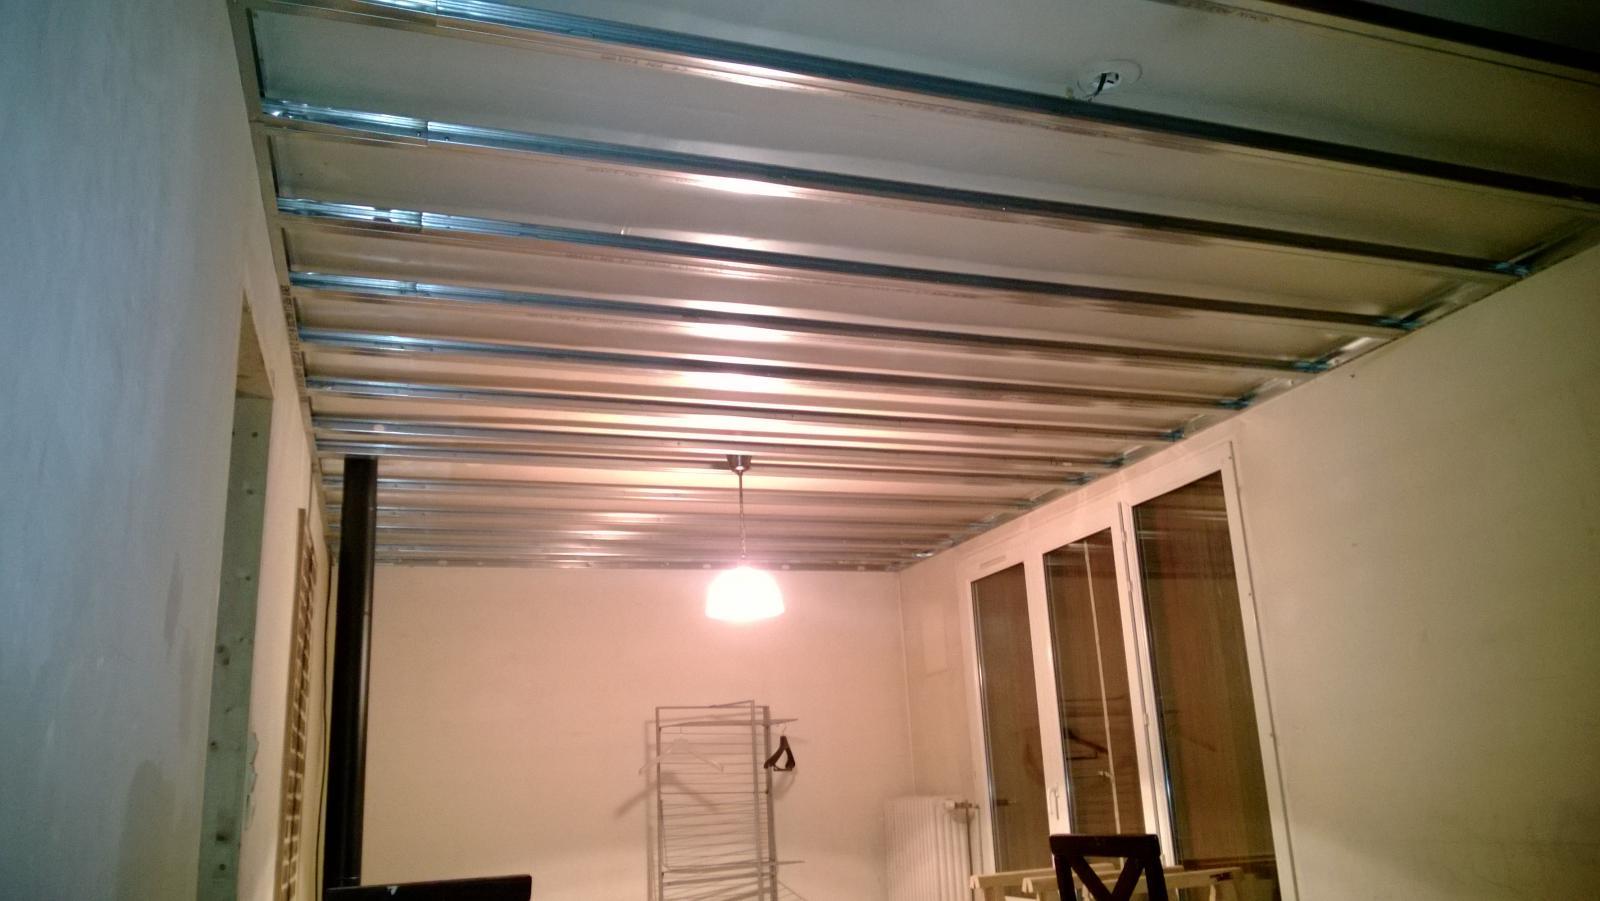 Plafond en placo - Comment rabaisser un plafond en placo ...